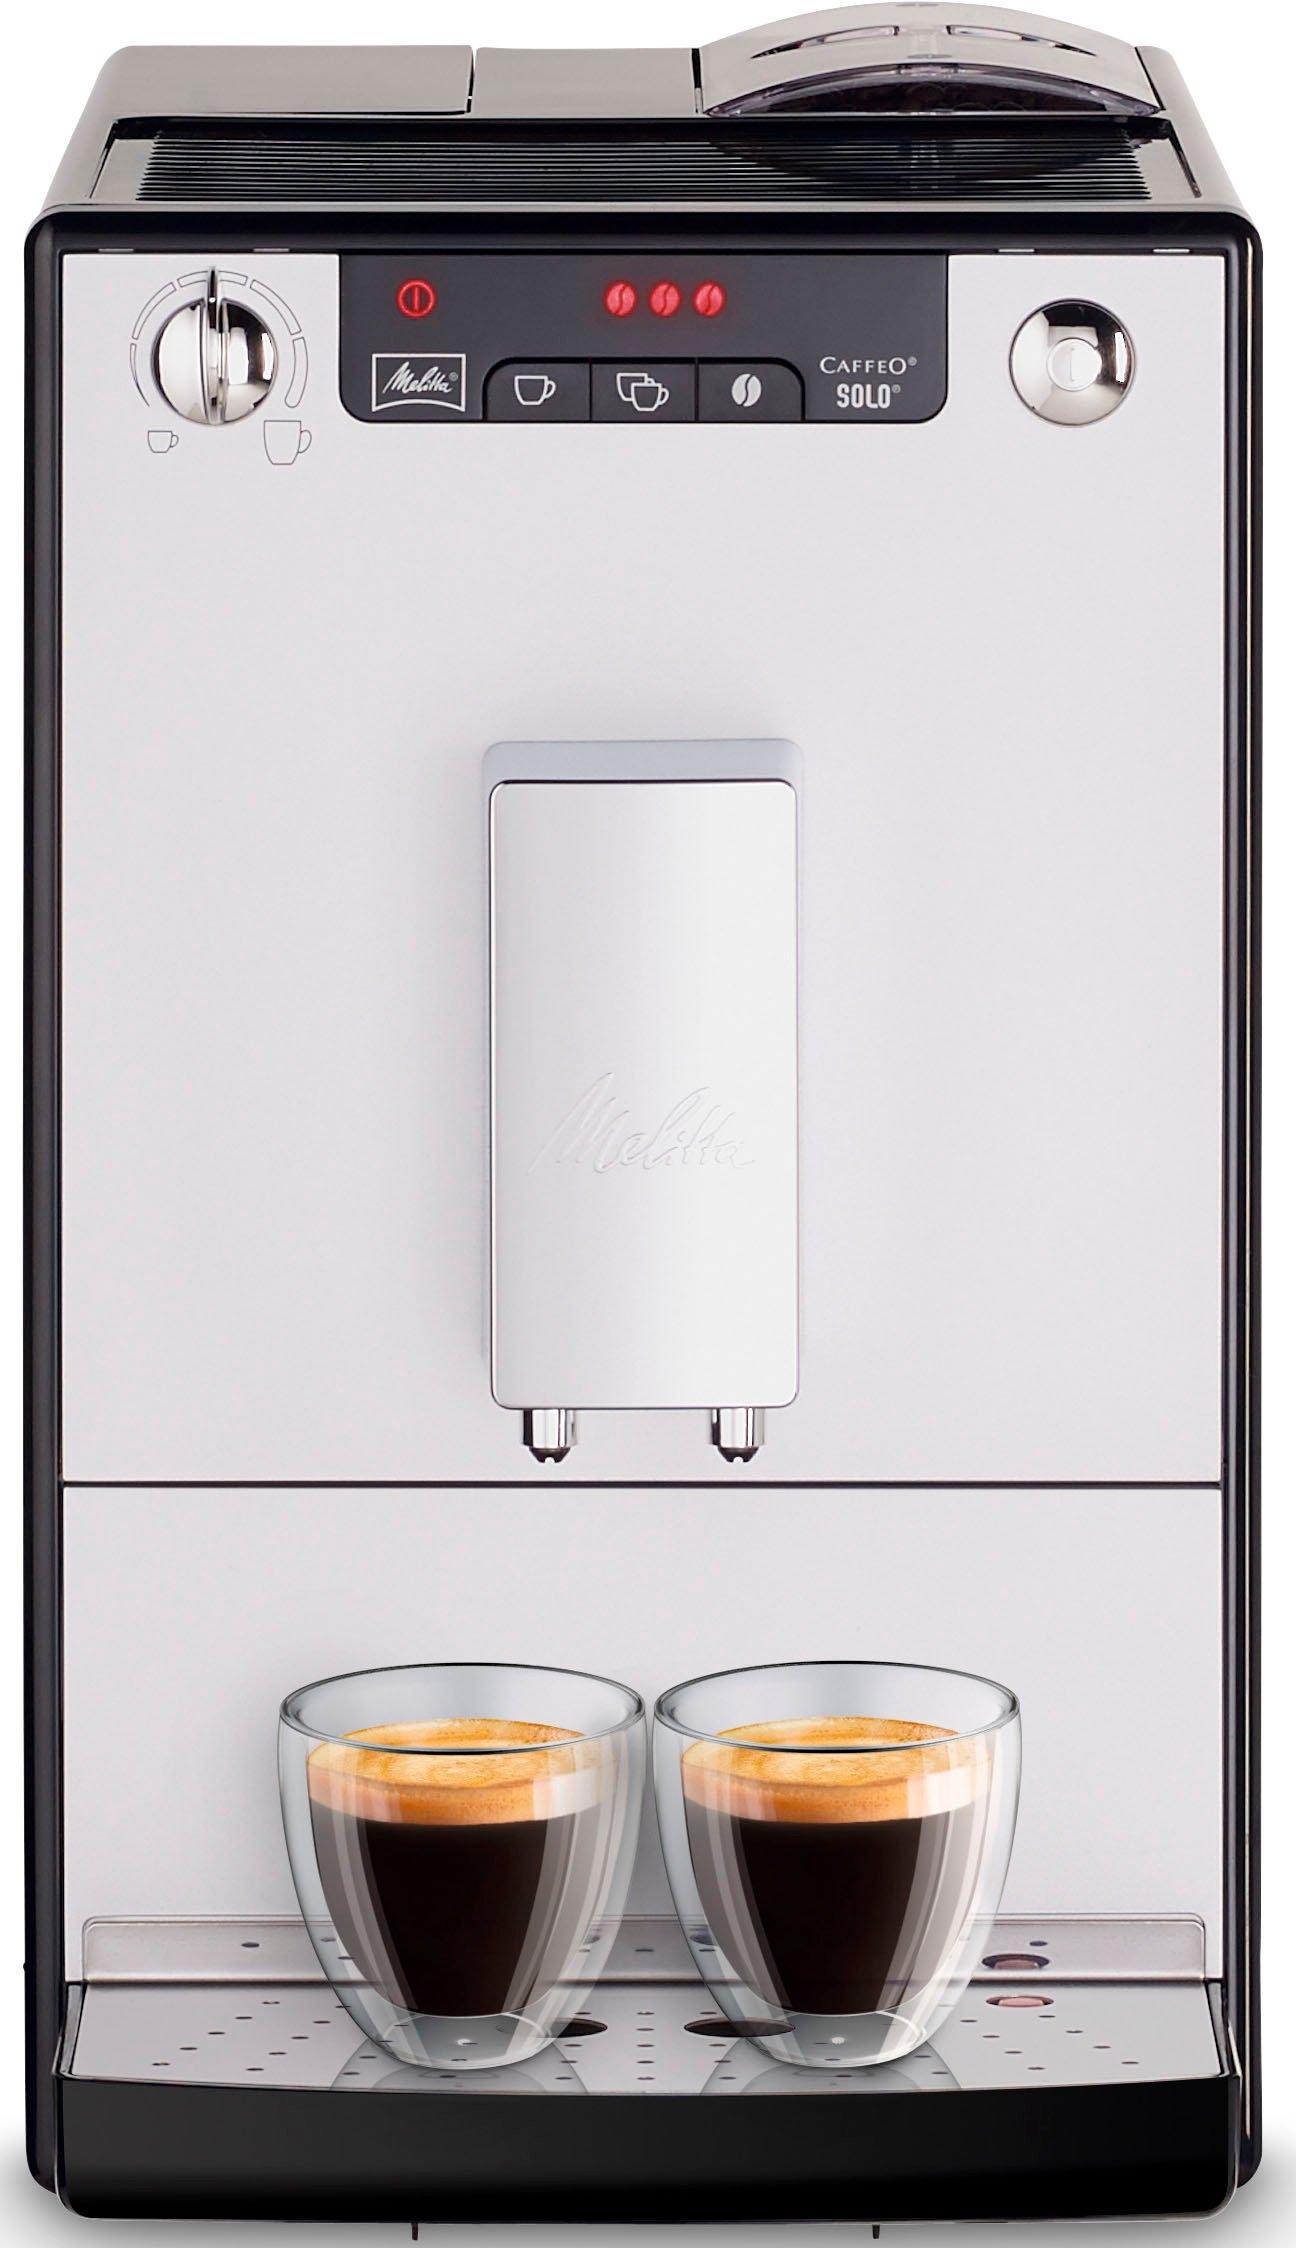 Melitta volautomatisch koffiezetapparaat CAFFEO® Solo® zwart/zilverkleur E 950-103 - gratis ruilen op otto.nl